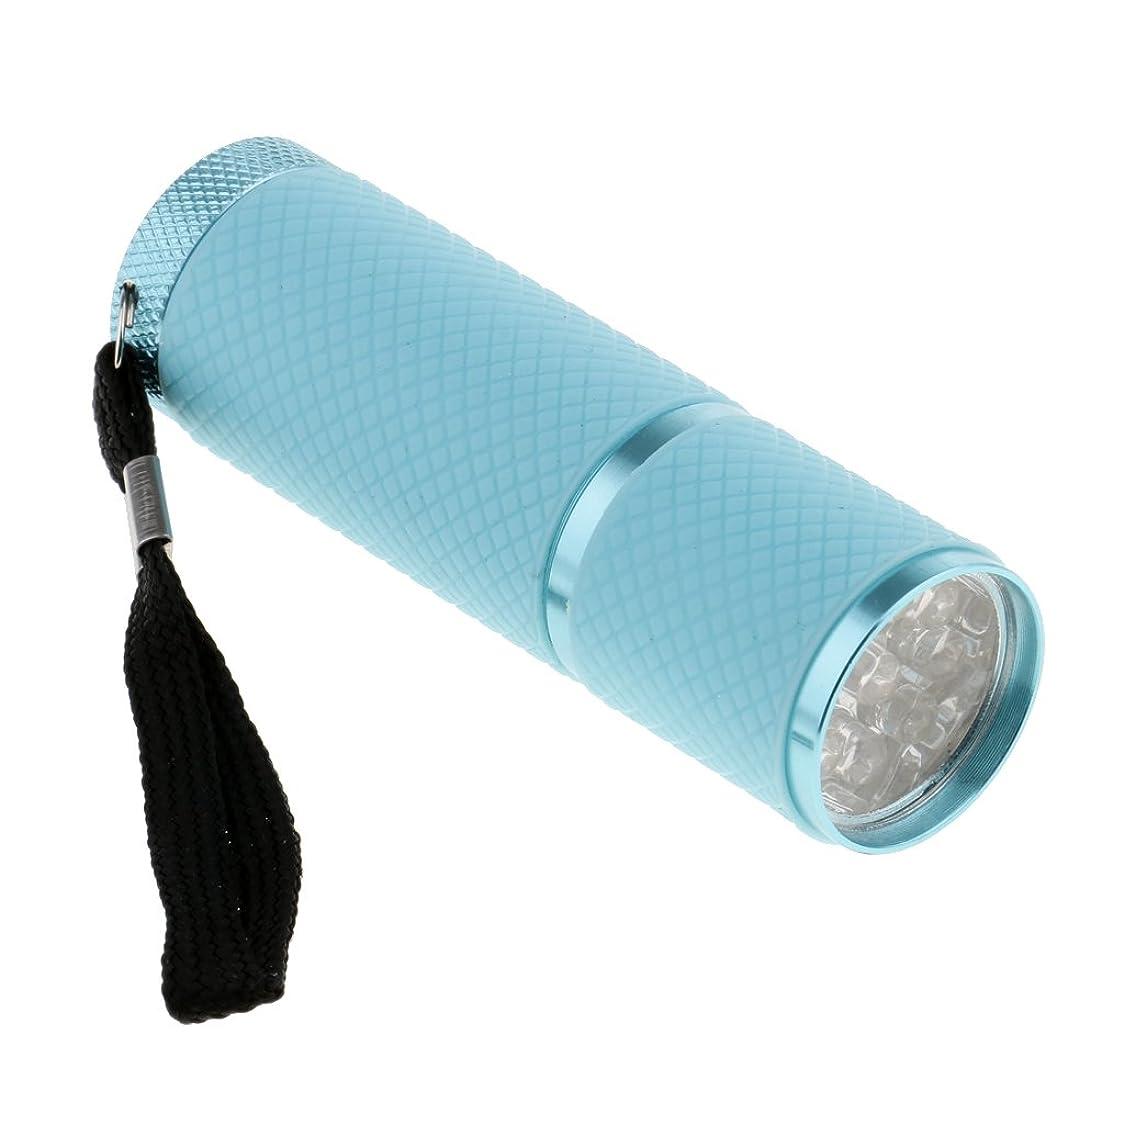 早い精神医学可能性Homyl ネイルドライヤー ミニ 9 LED  4.5V  ドライヤー 手と足 両方に使用 UV プロ ネイルサロン 家庭用 4色選べ - 青